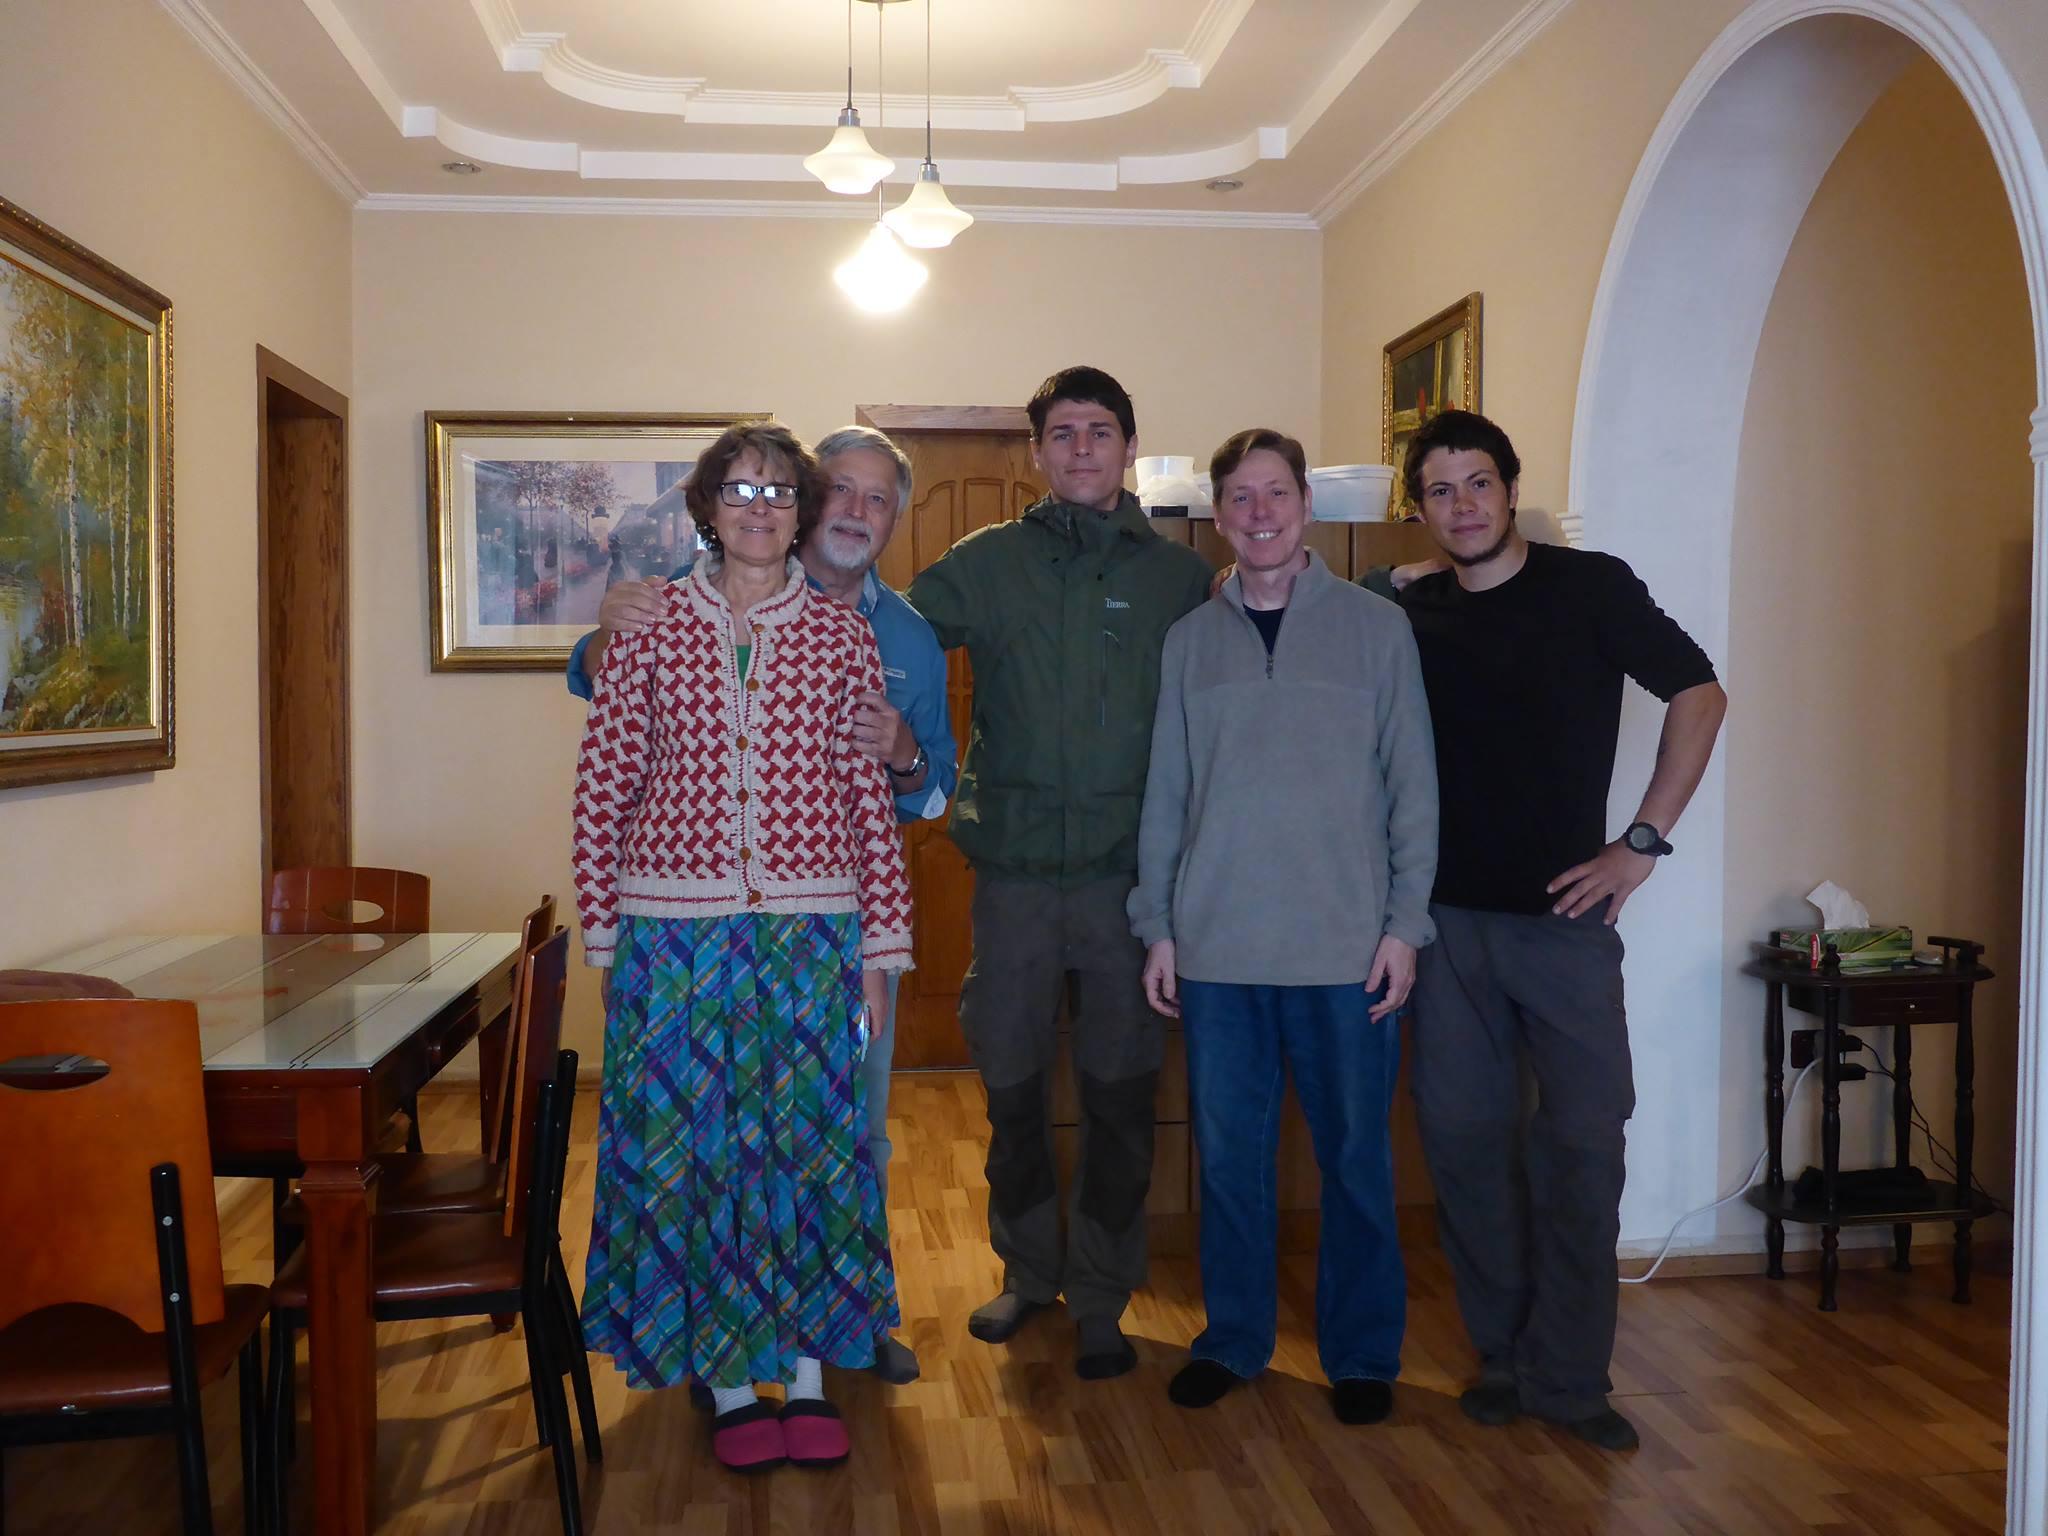 Nous restons deux jours en couchsurfing chez Joe et ces deux amis américain